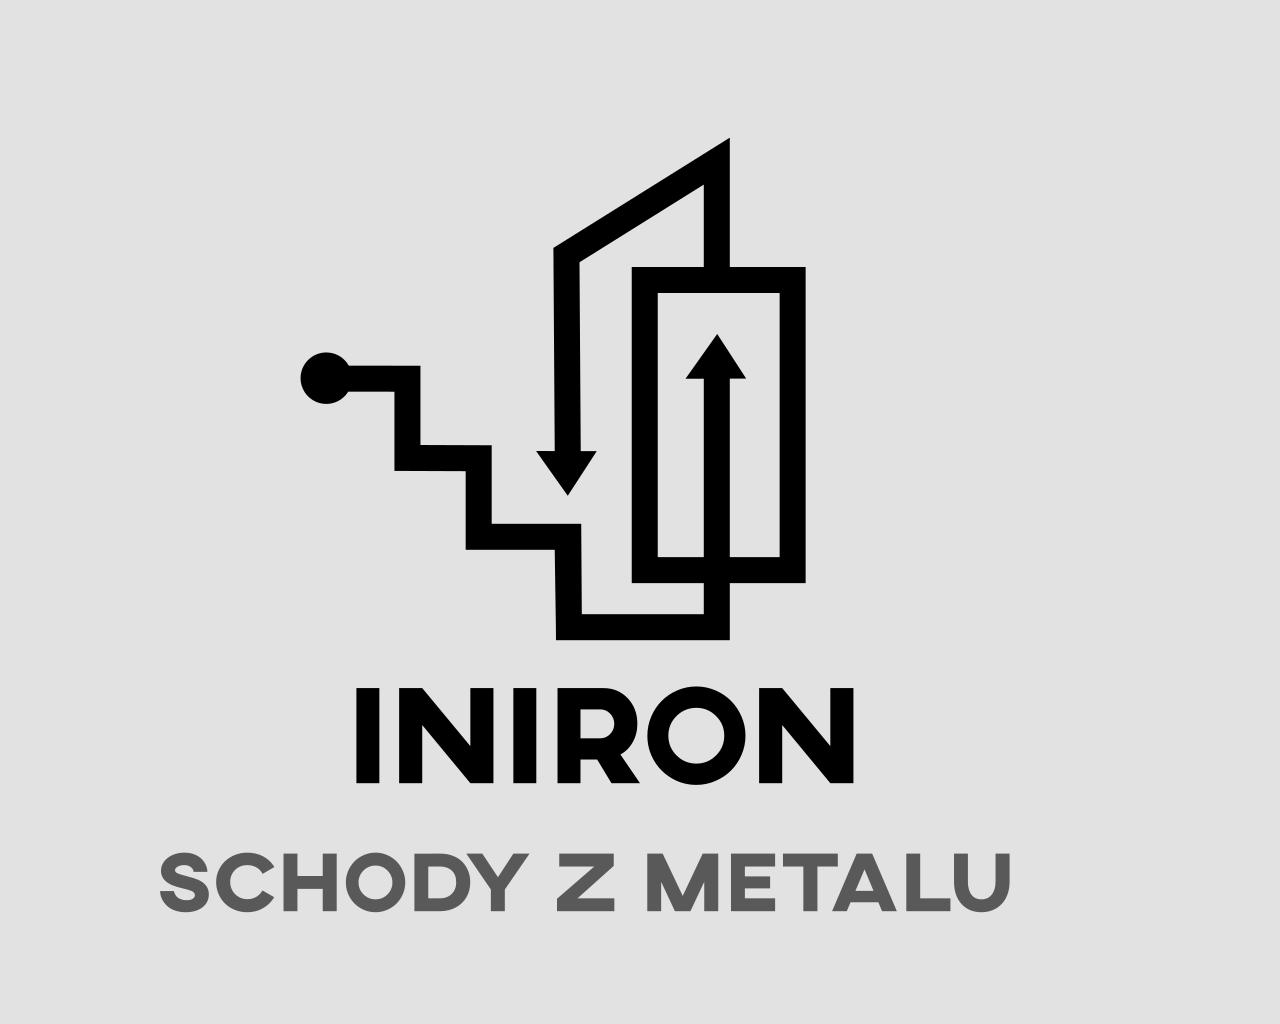 Iniron